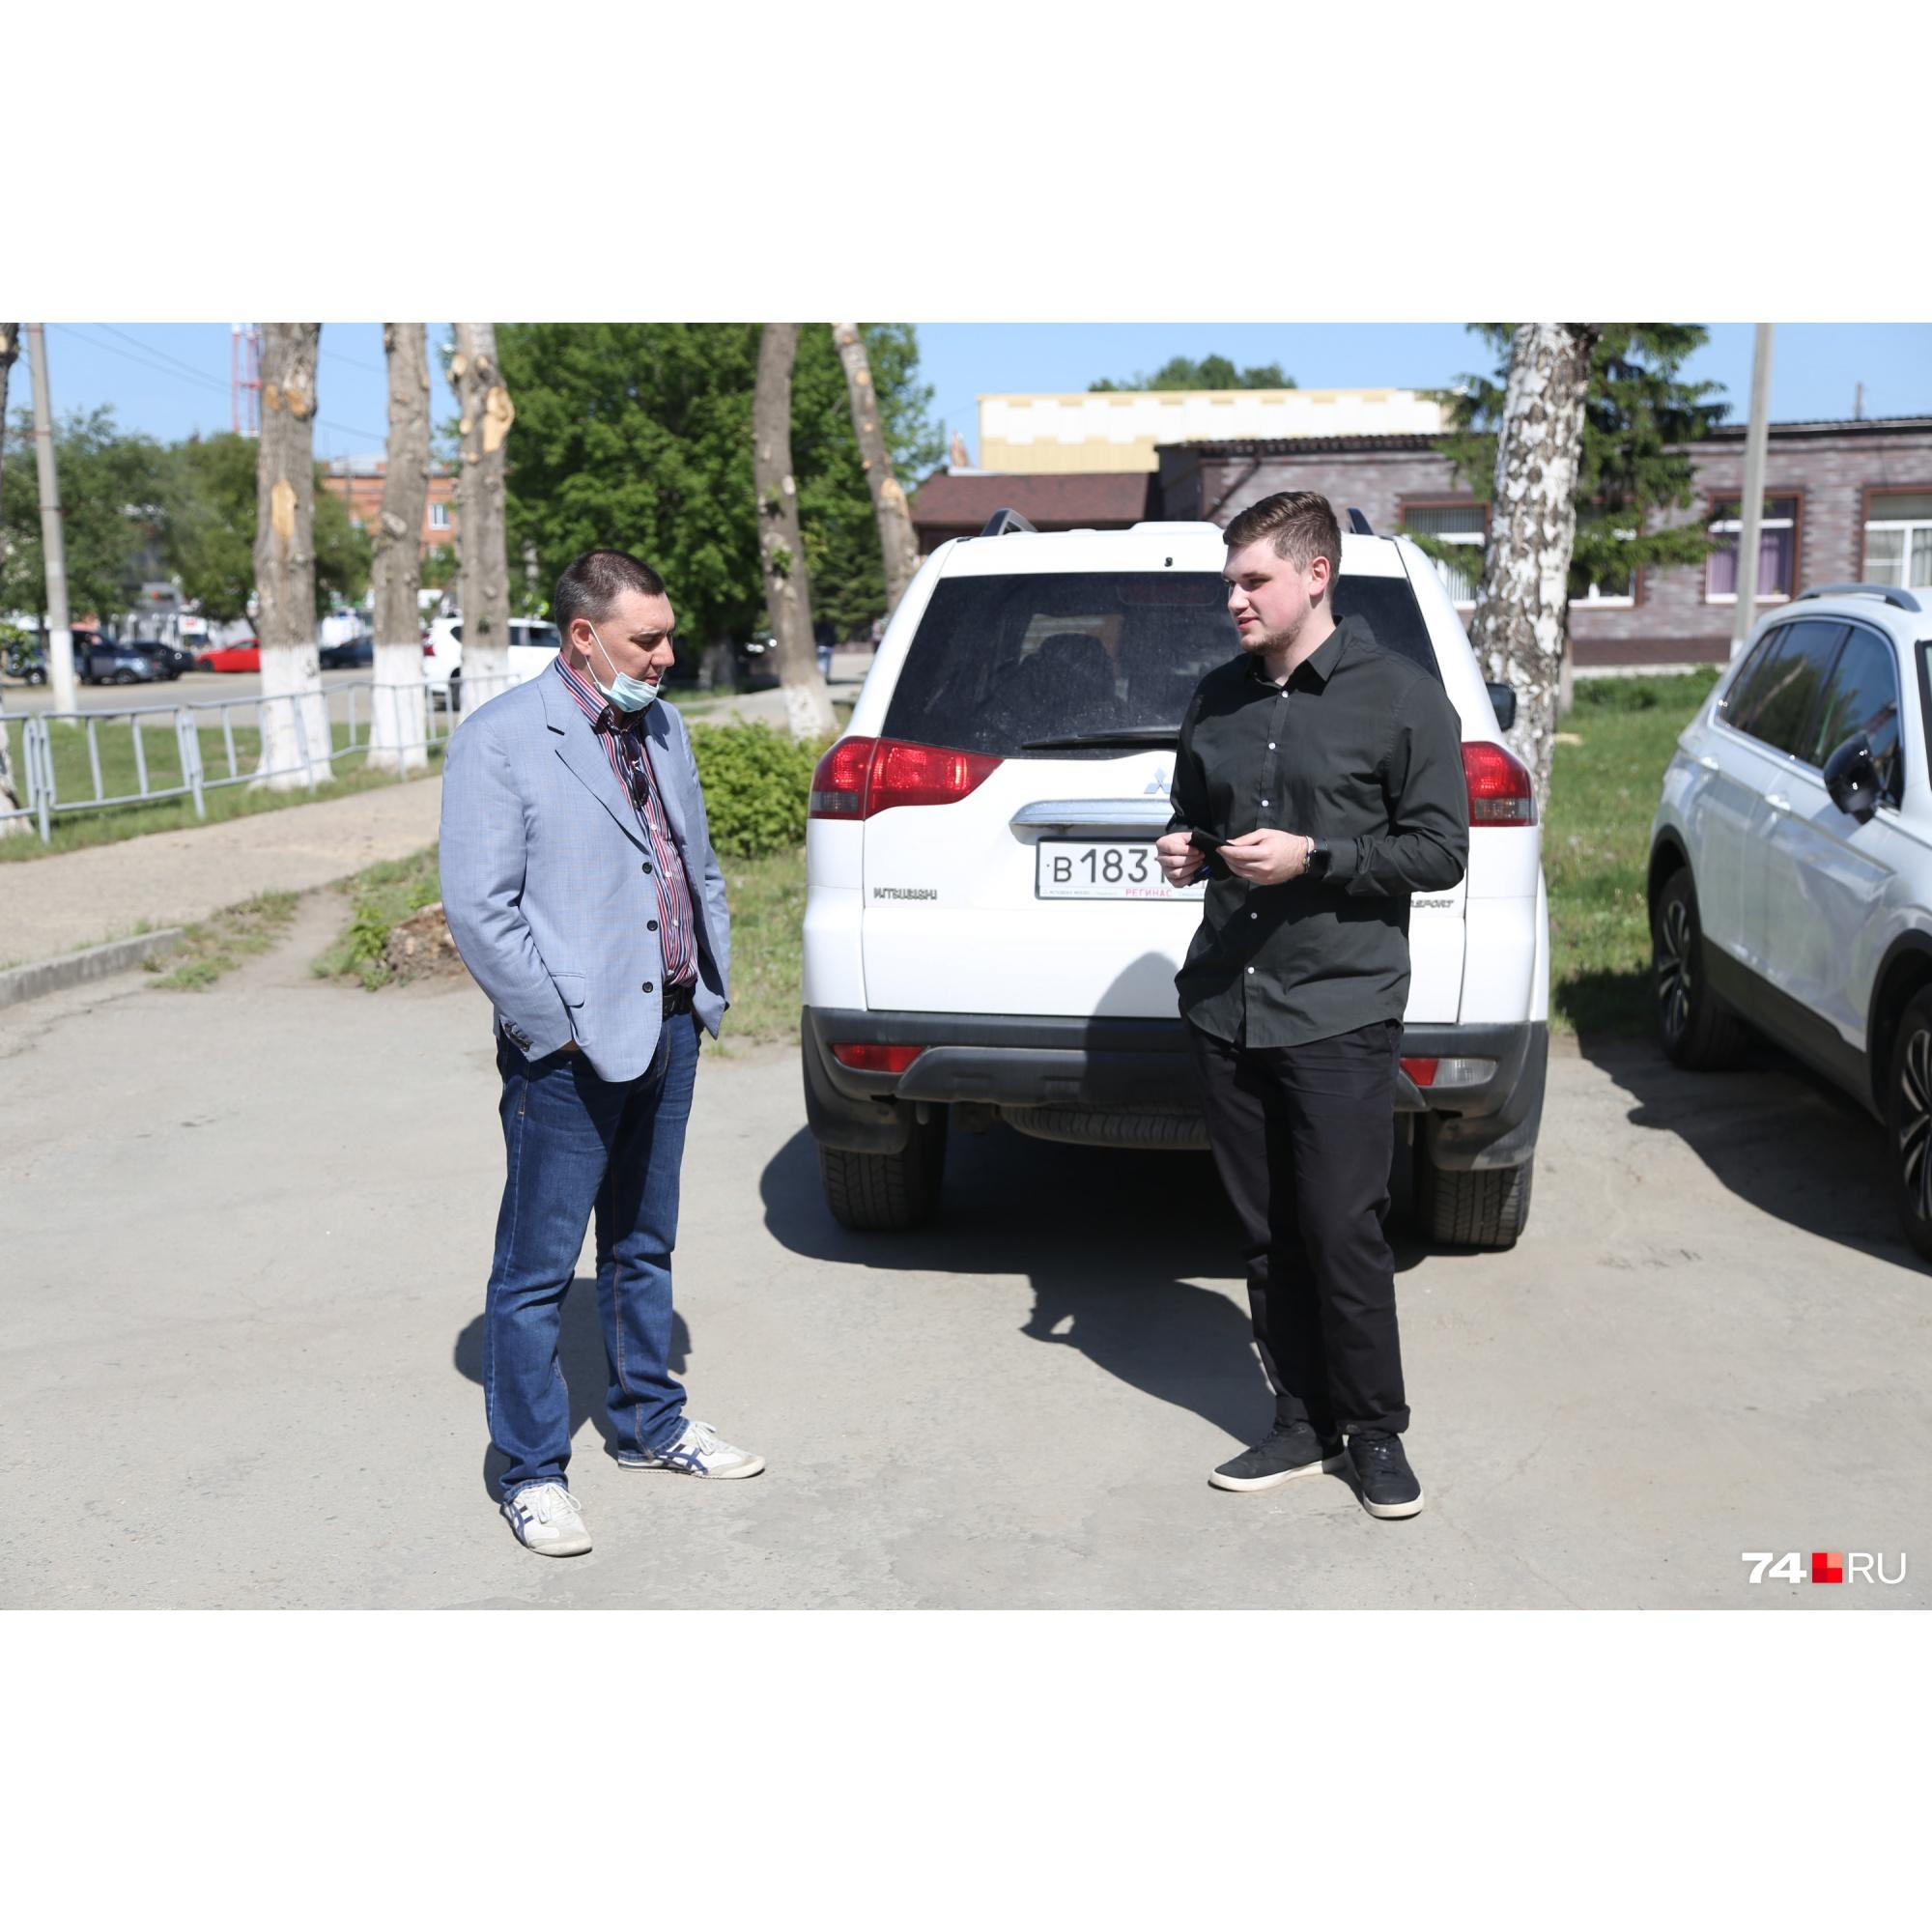 Сын Анатолия (слева на фото) был за рулём«Лады», которая столкнулась сLexus бизнесмена, а Владислав (справа) сидел в той же машине на переднем сиденье